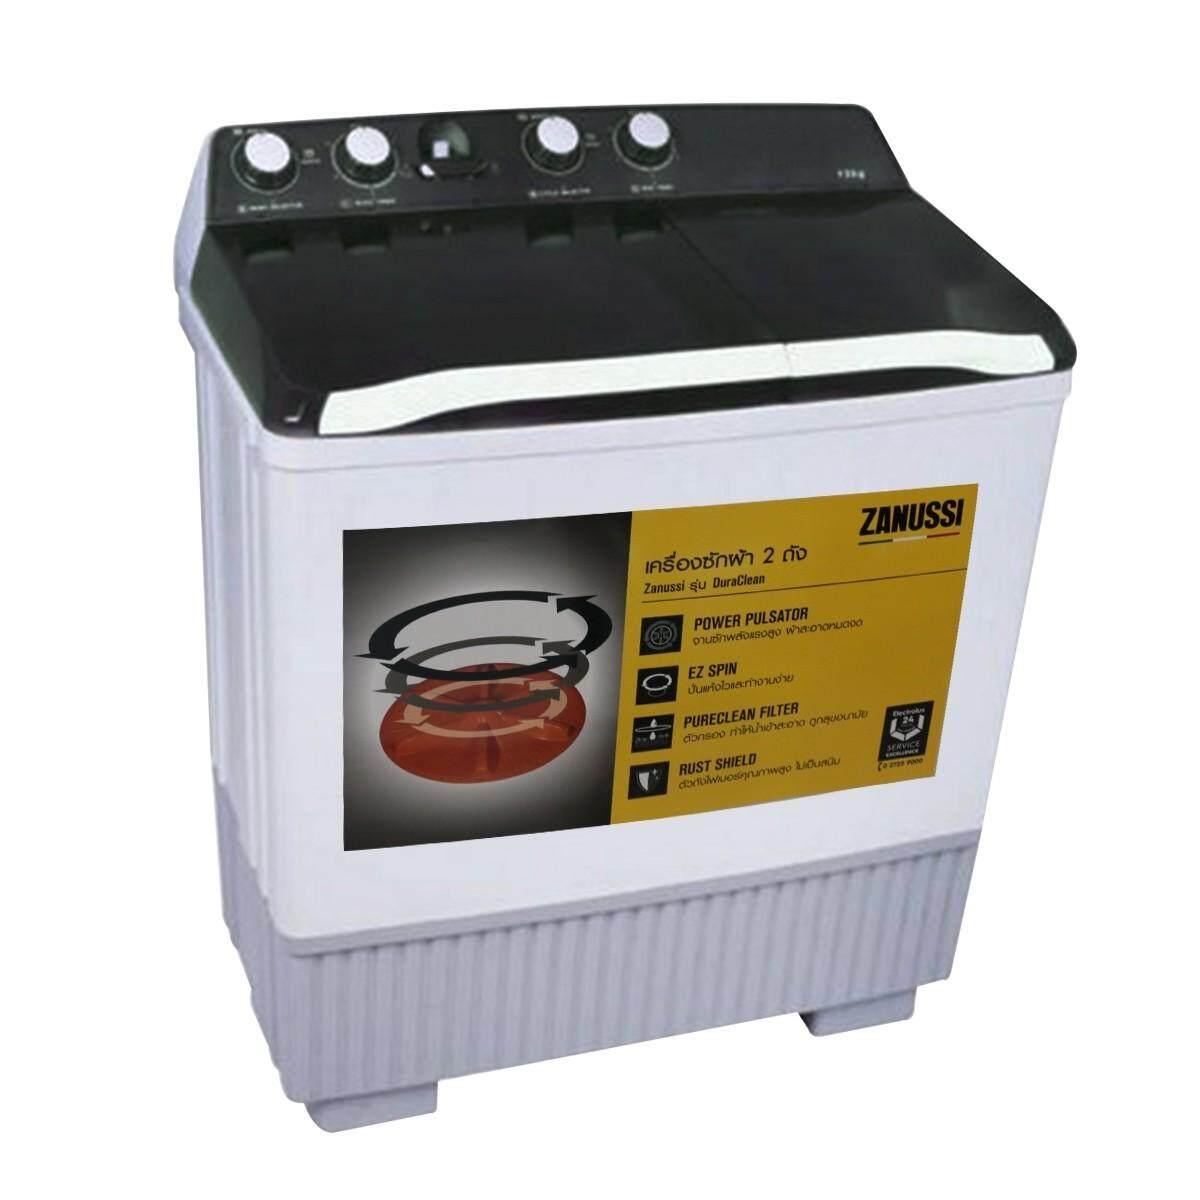 เครื่องซักผ้า 2 ถัง 12 กก. รุ่น Zett120x.